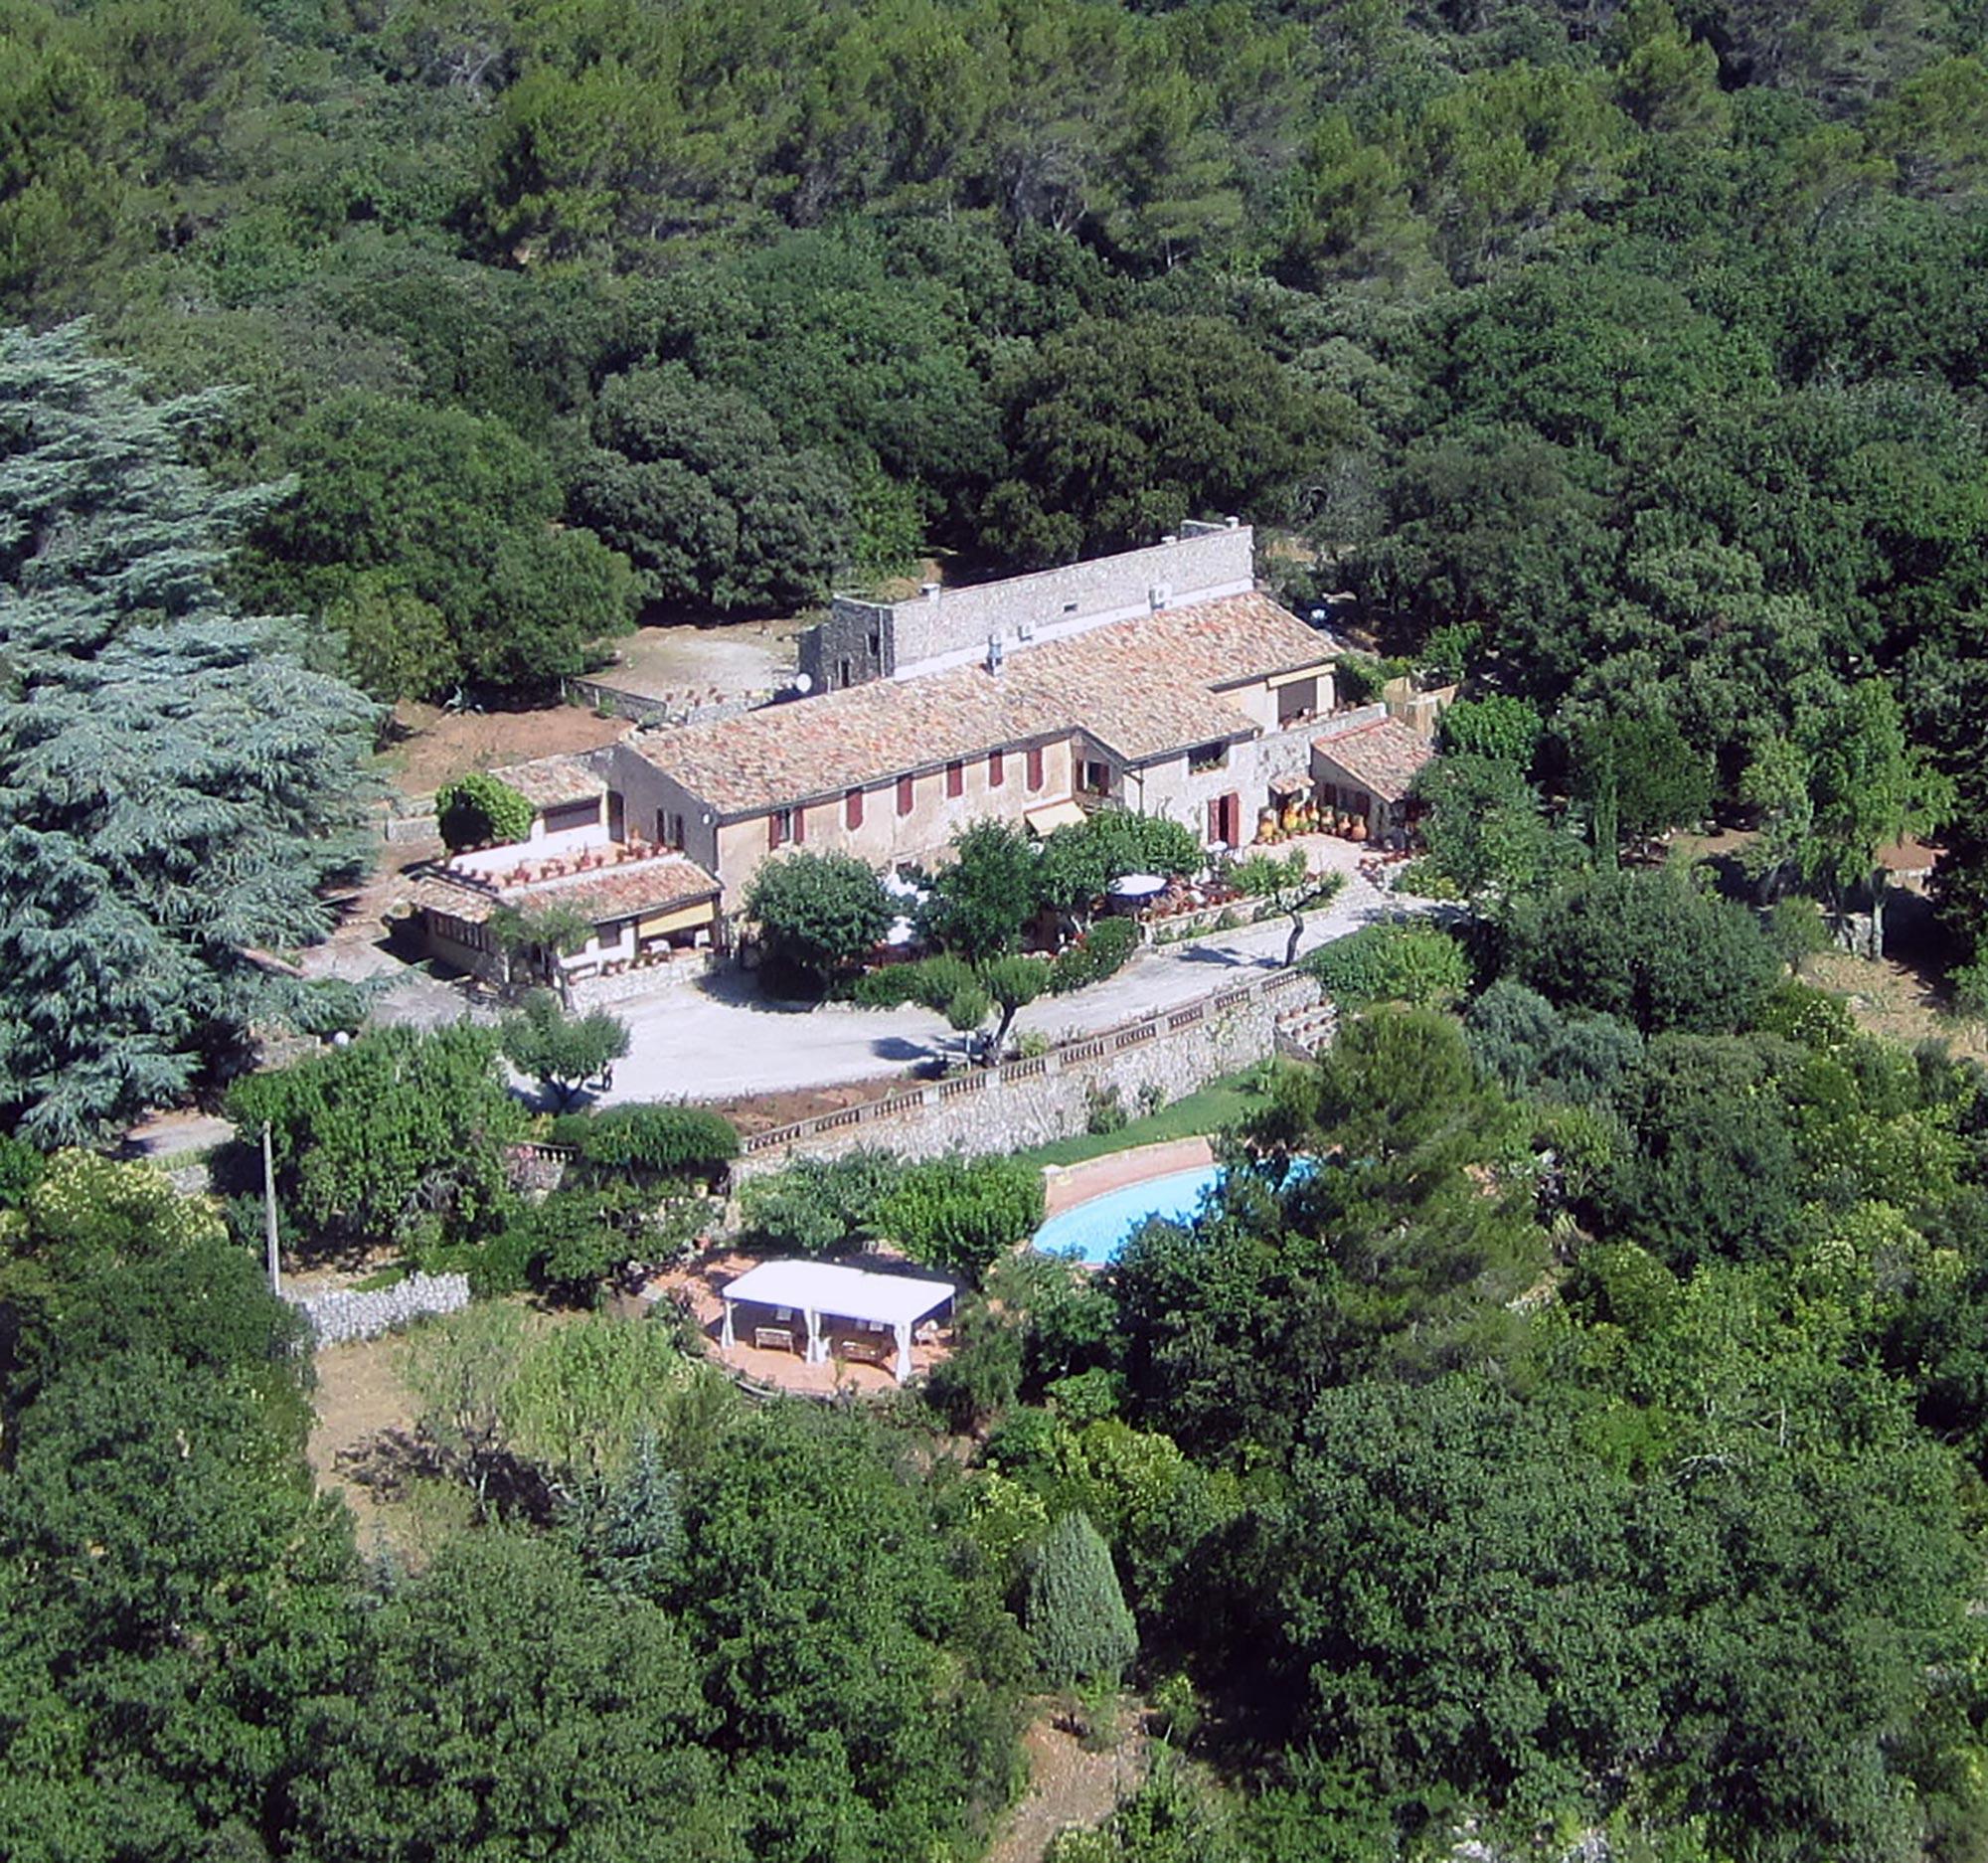 Vue aérienne d'une maison typique de provence au milieu des bois